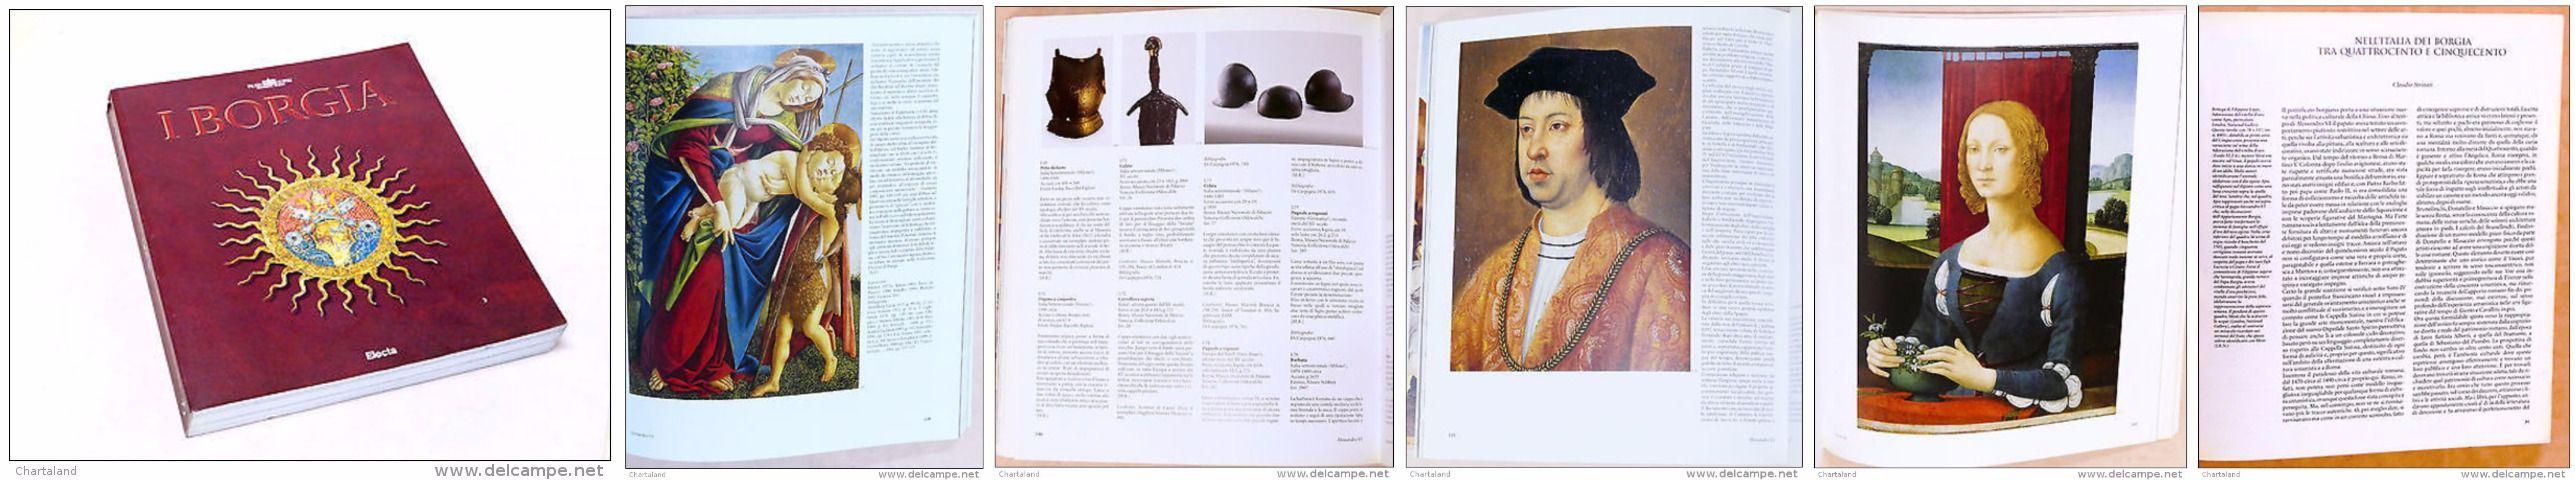 Art History - The Borgias - Rome, Palazzo Ruspoli - 2002-2003 - Memmo Foundation